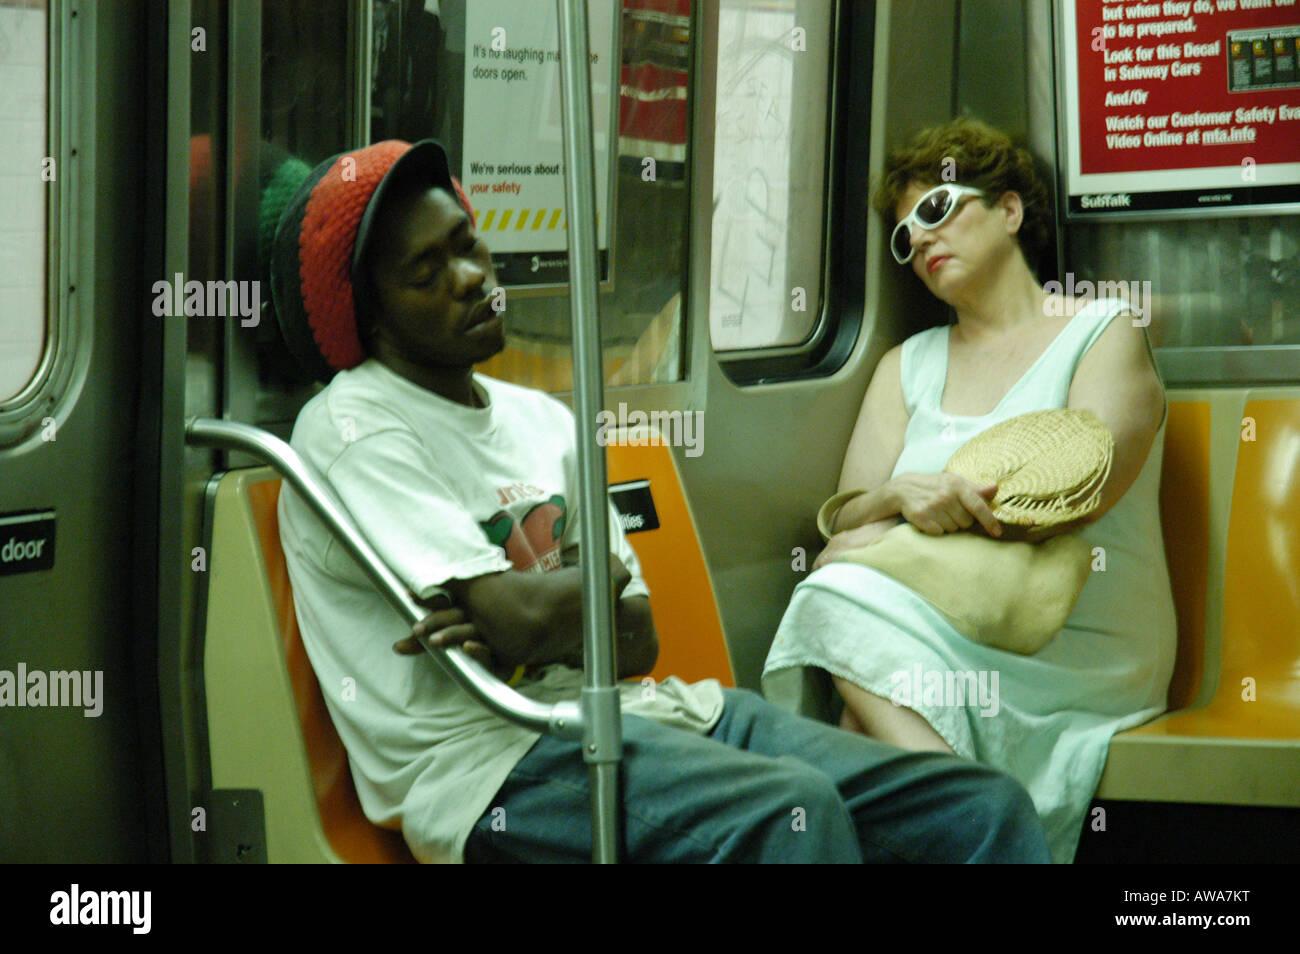 El metro de Nueva York, EE.UU. Imagen De Stock